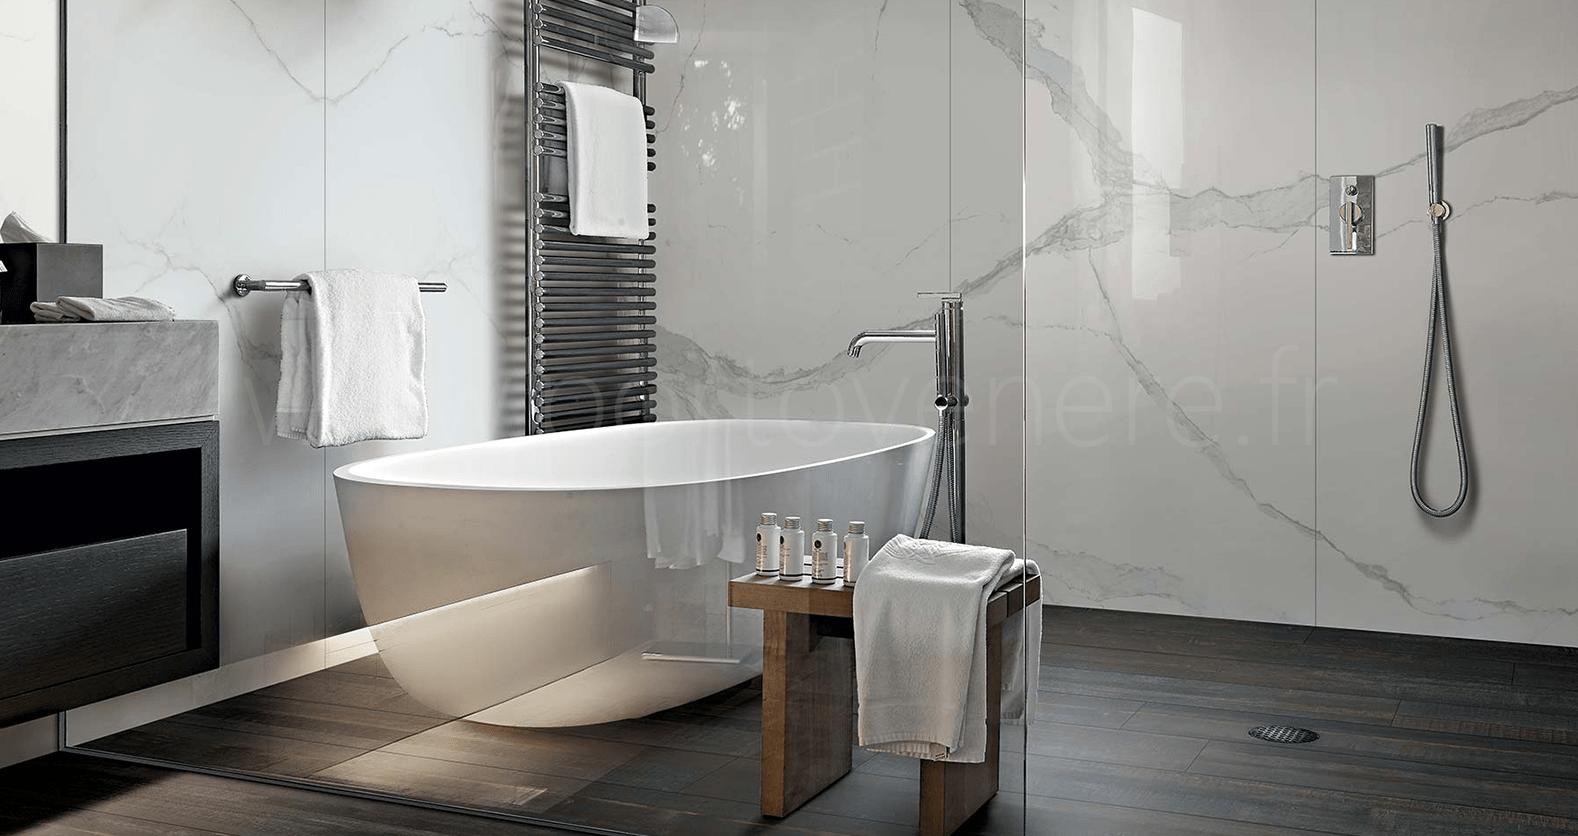 salle de bain aspect parquet noir